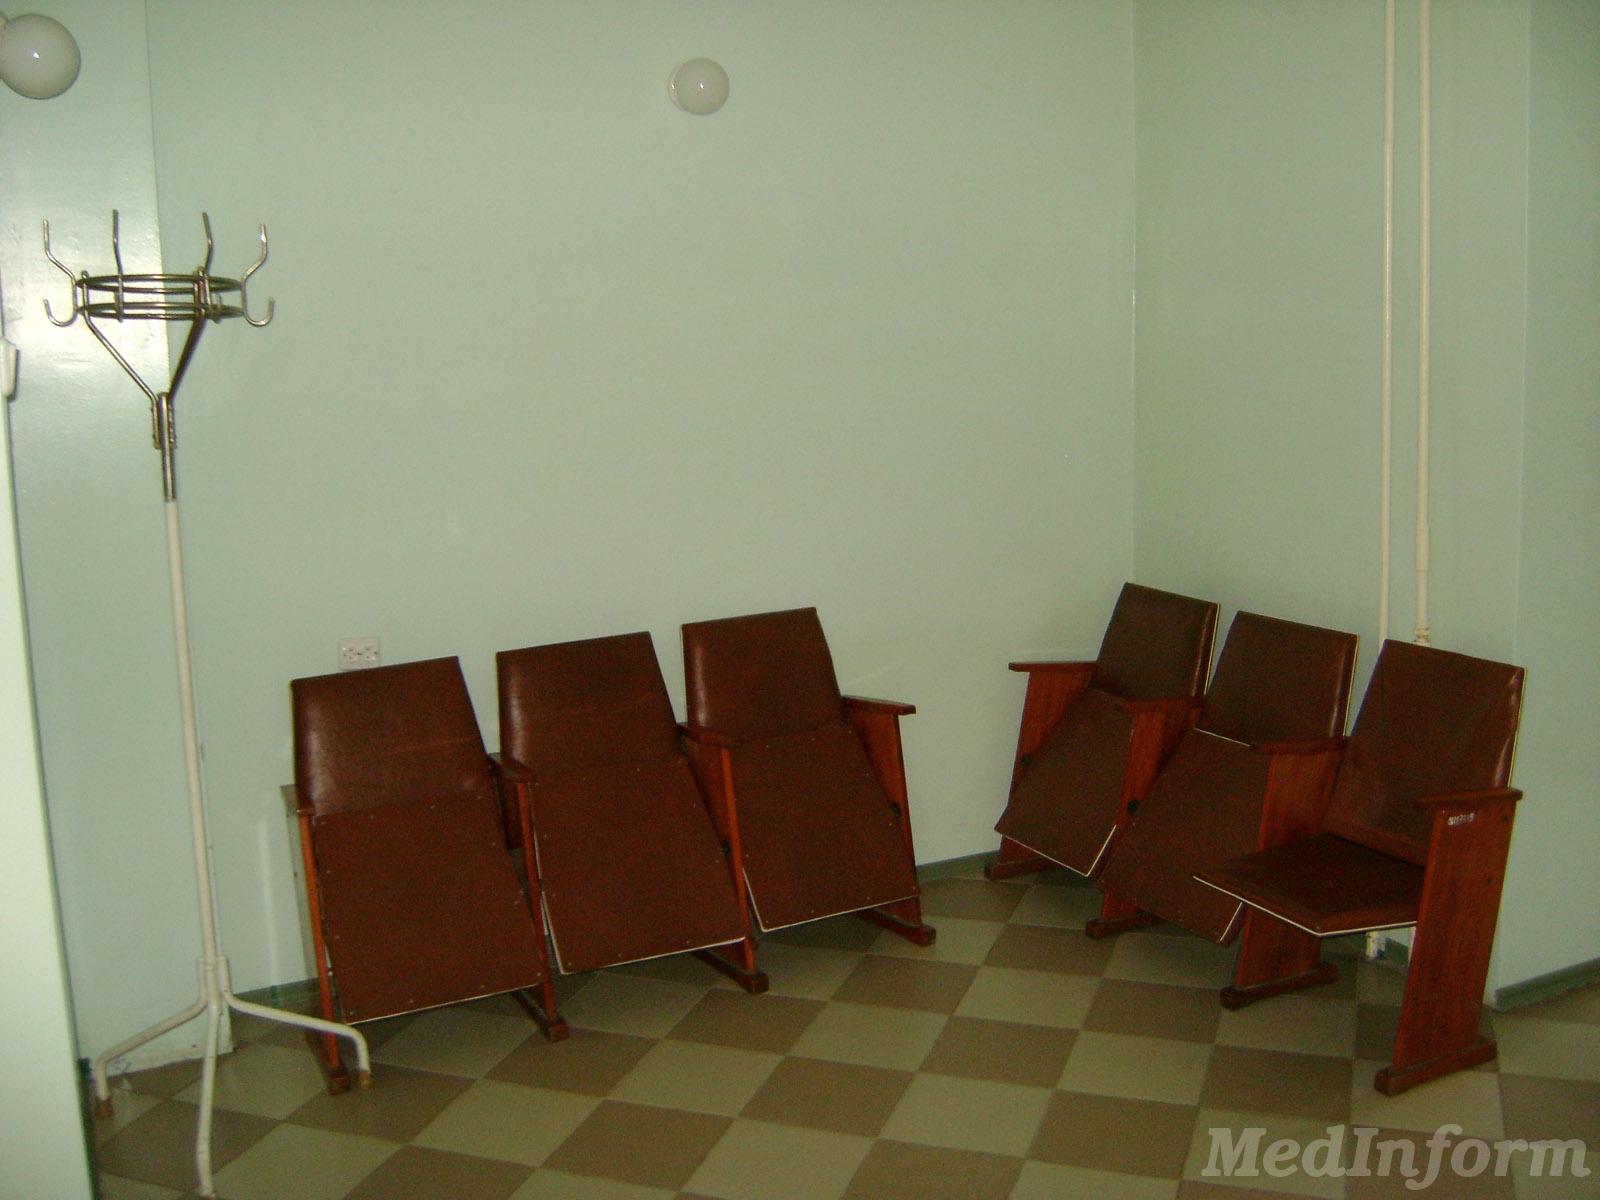 Прием пищи в больнице